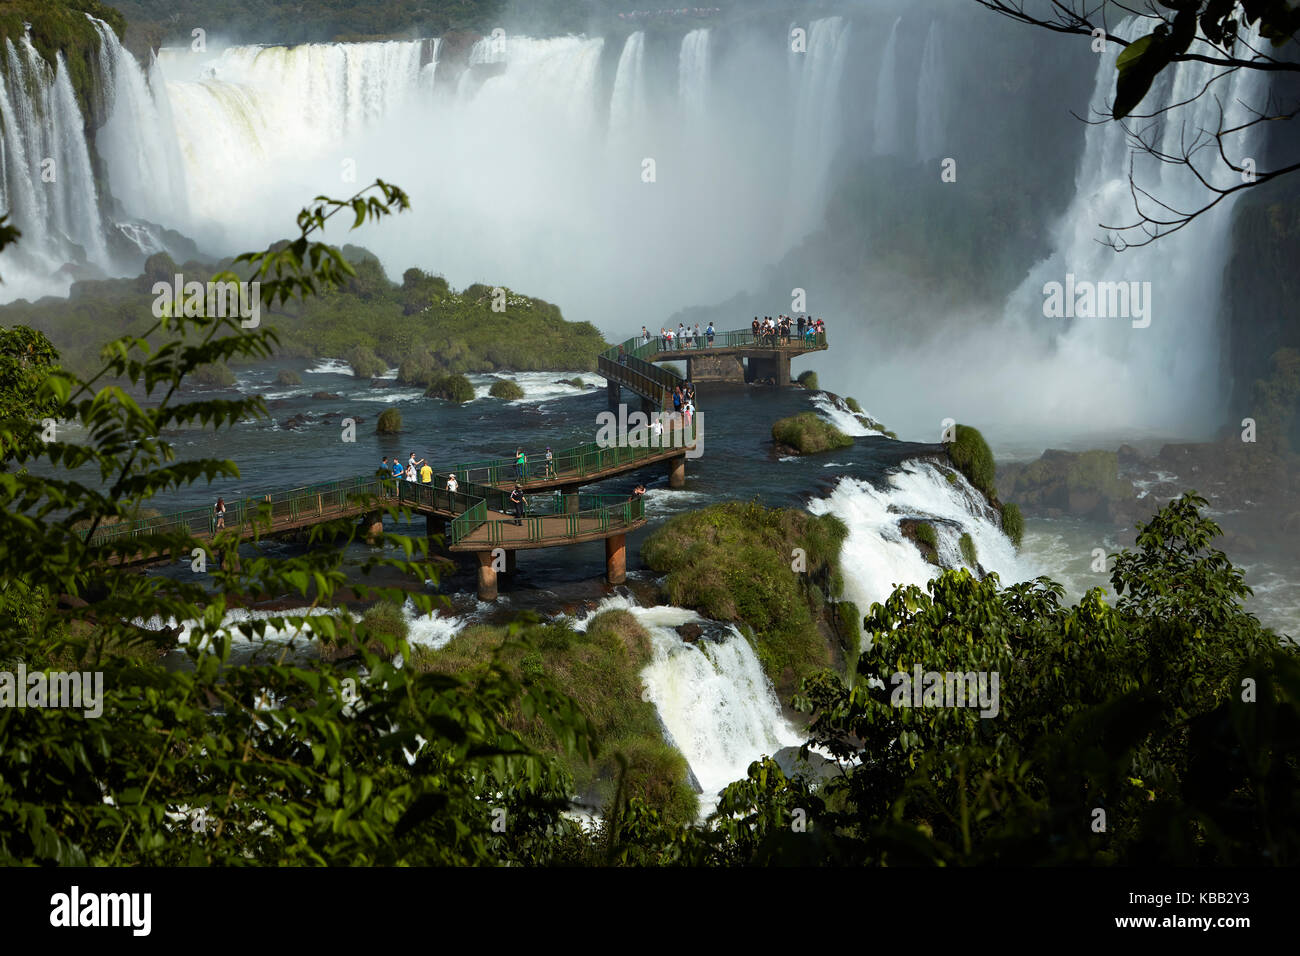 Touristen auf Aussichtsplattform auf der Brasilianischen Seite der Iguazu-Fälle, Brasilien - Argentinien Grenze, Südamerika Stockfoto